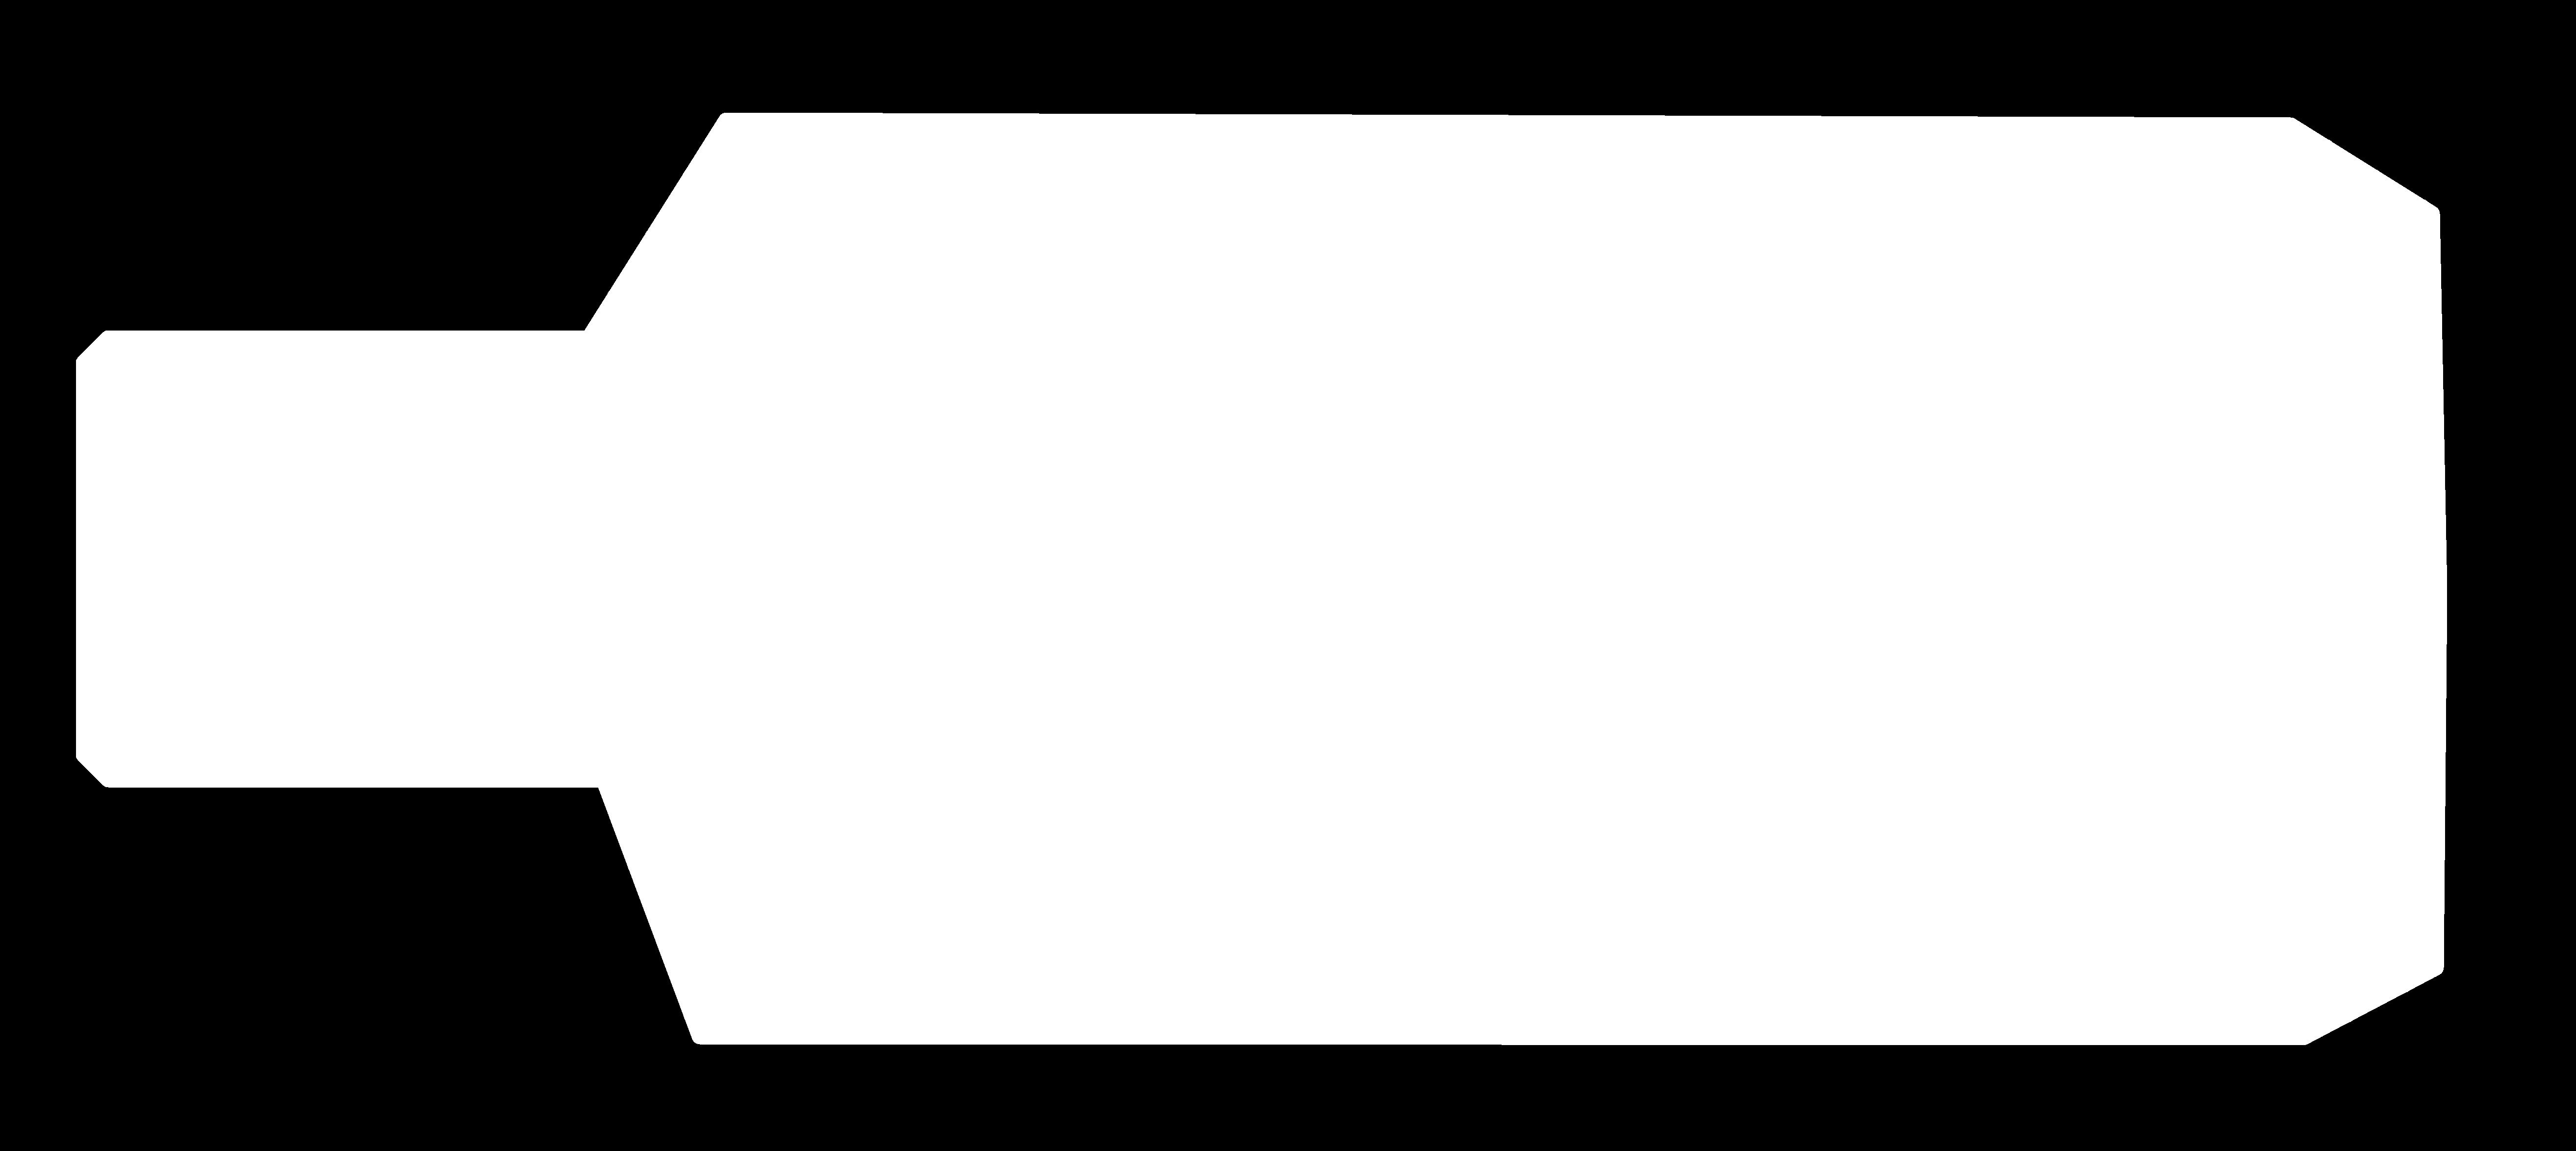 FabFTDI_package/FabFTDI_Boudry.png